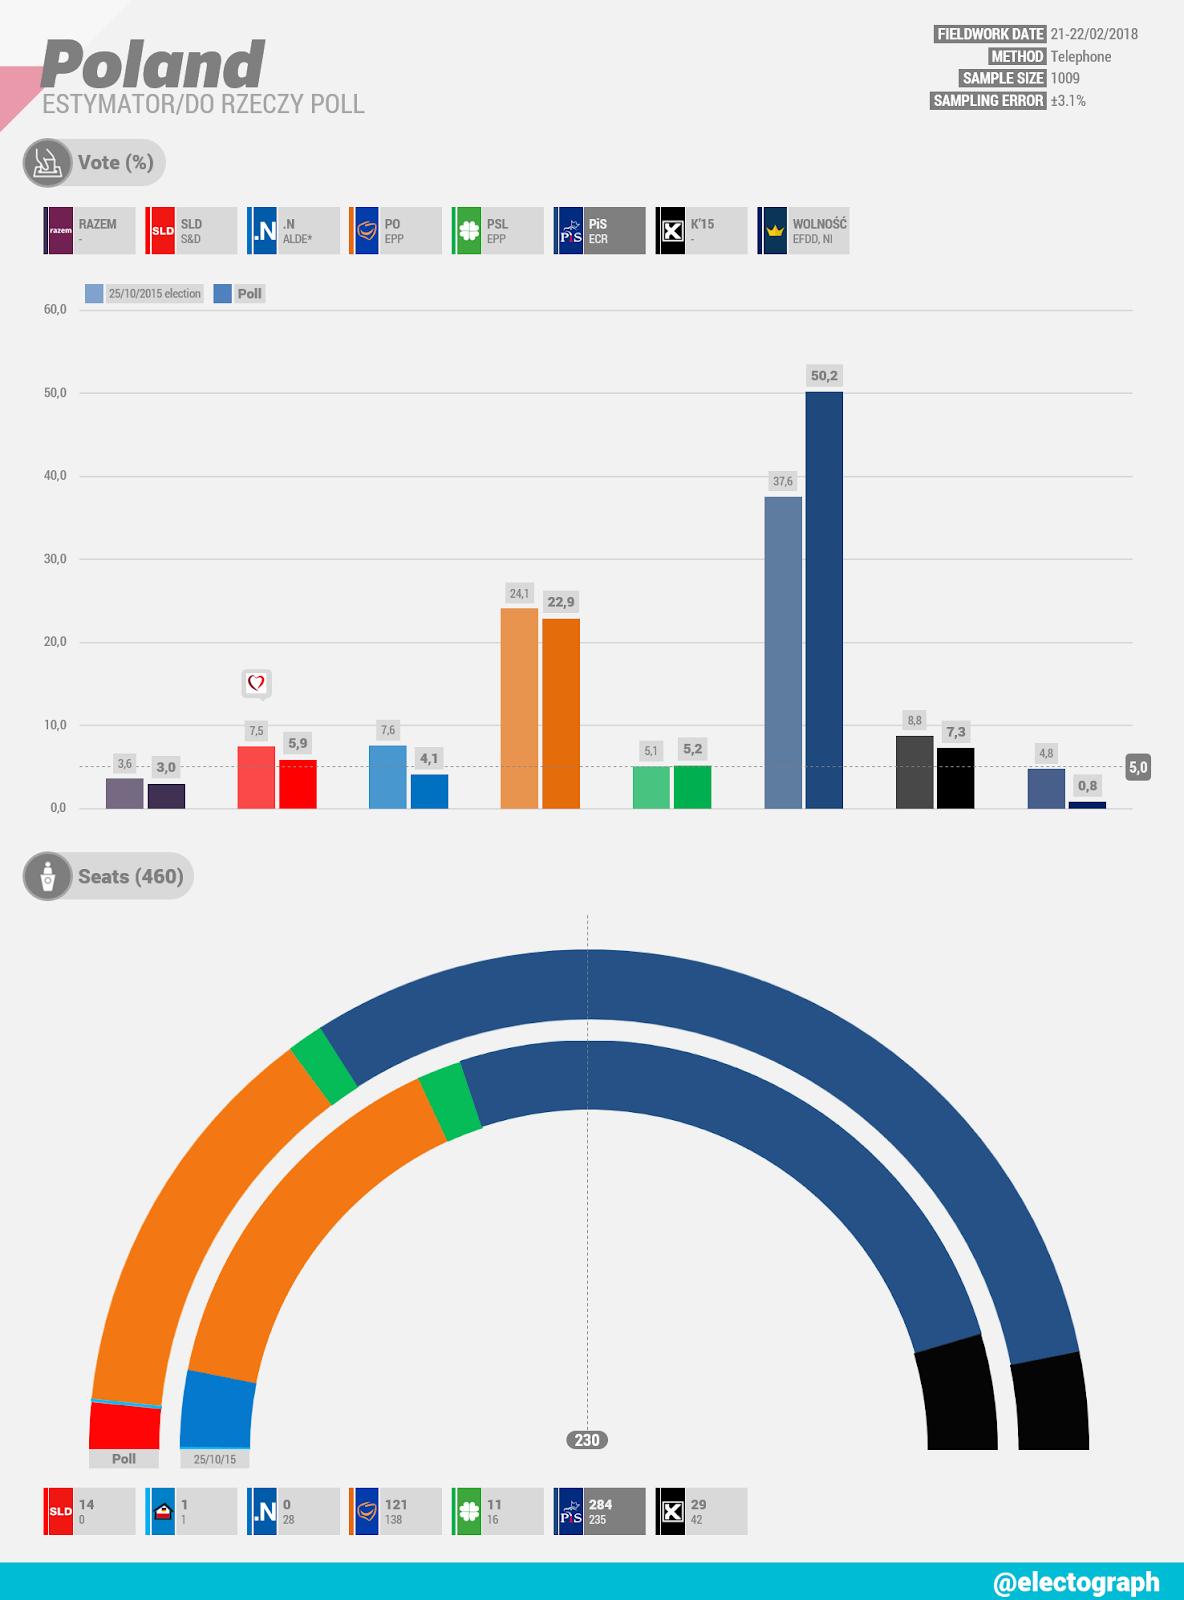 POLAND Estymator poll chart for Do Rzeczy, February 2018